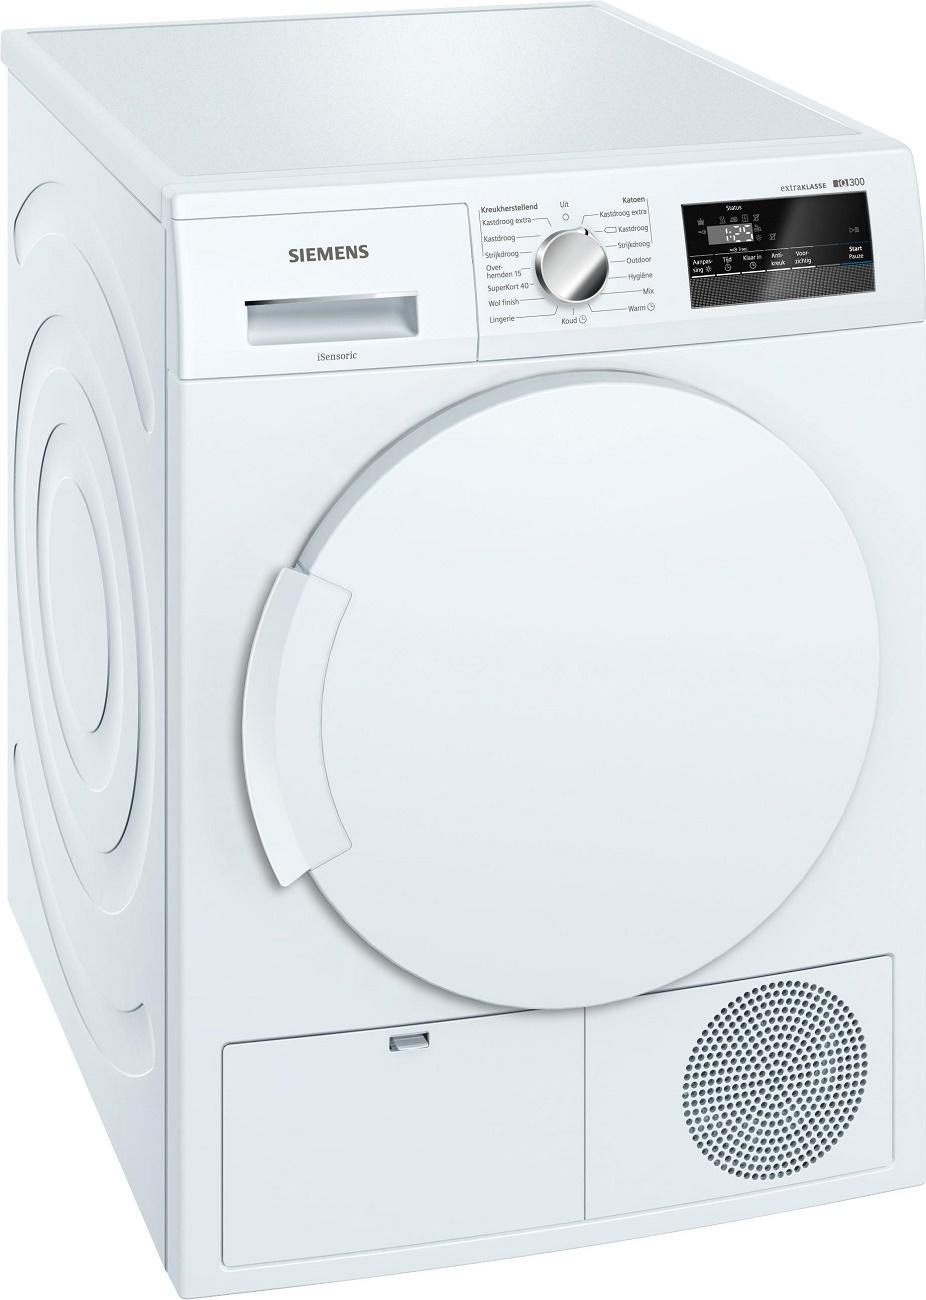 Image of Siemens WT45N305NL